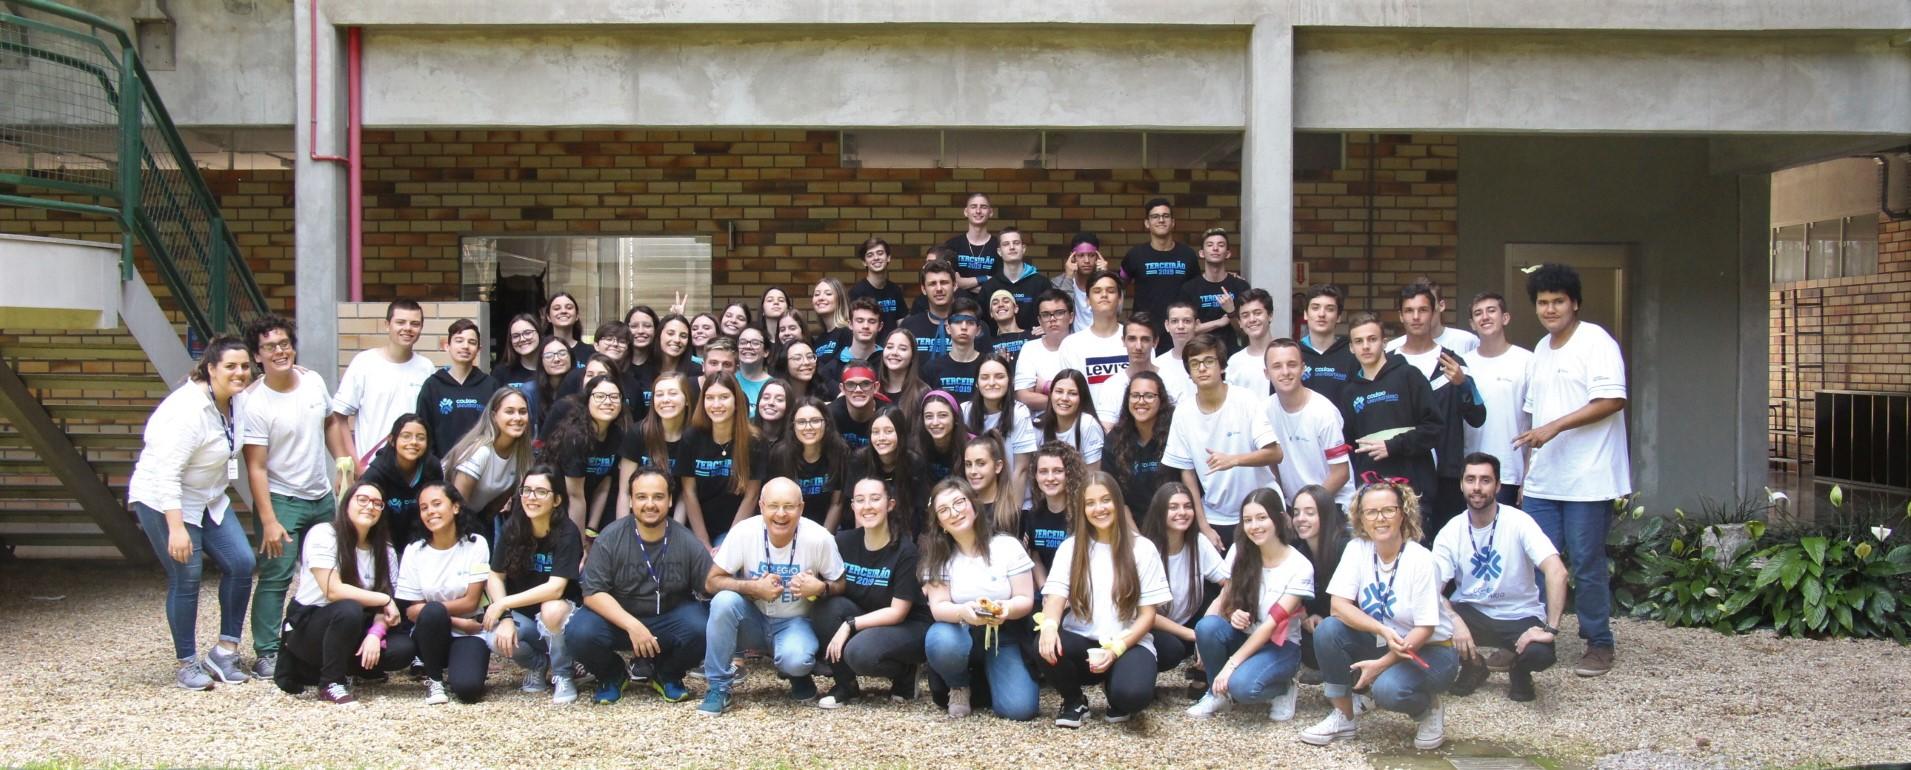 Gincana Educativa marca primeiro ano do Colégio Universitário de Brusque